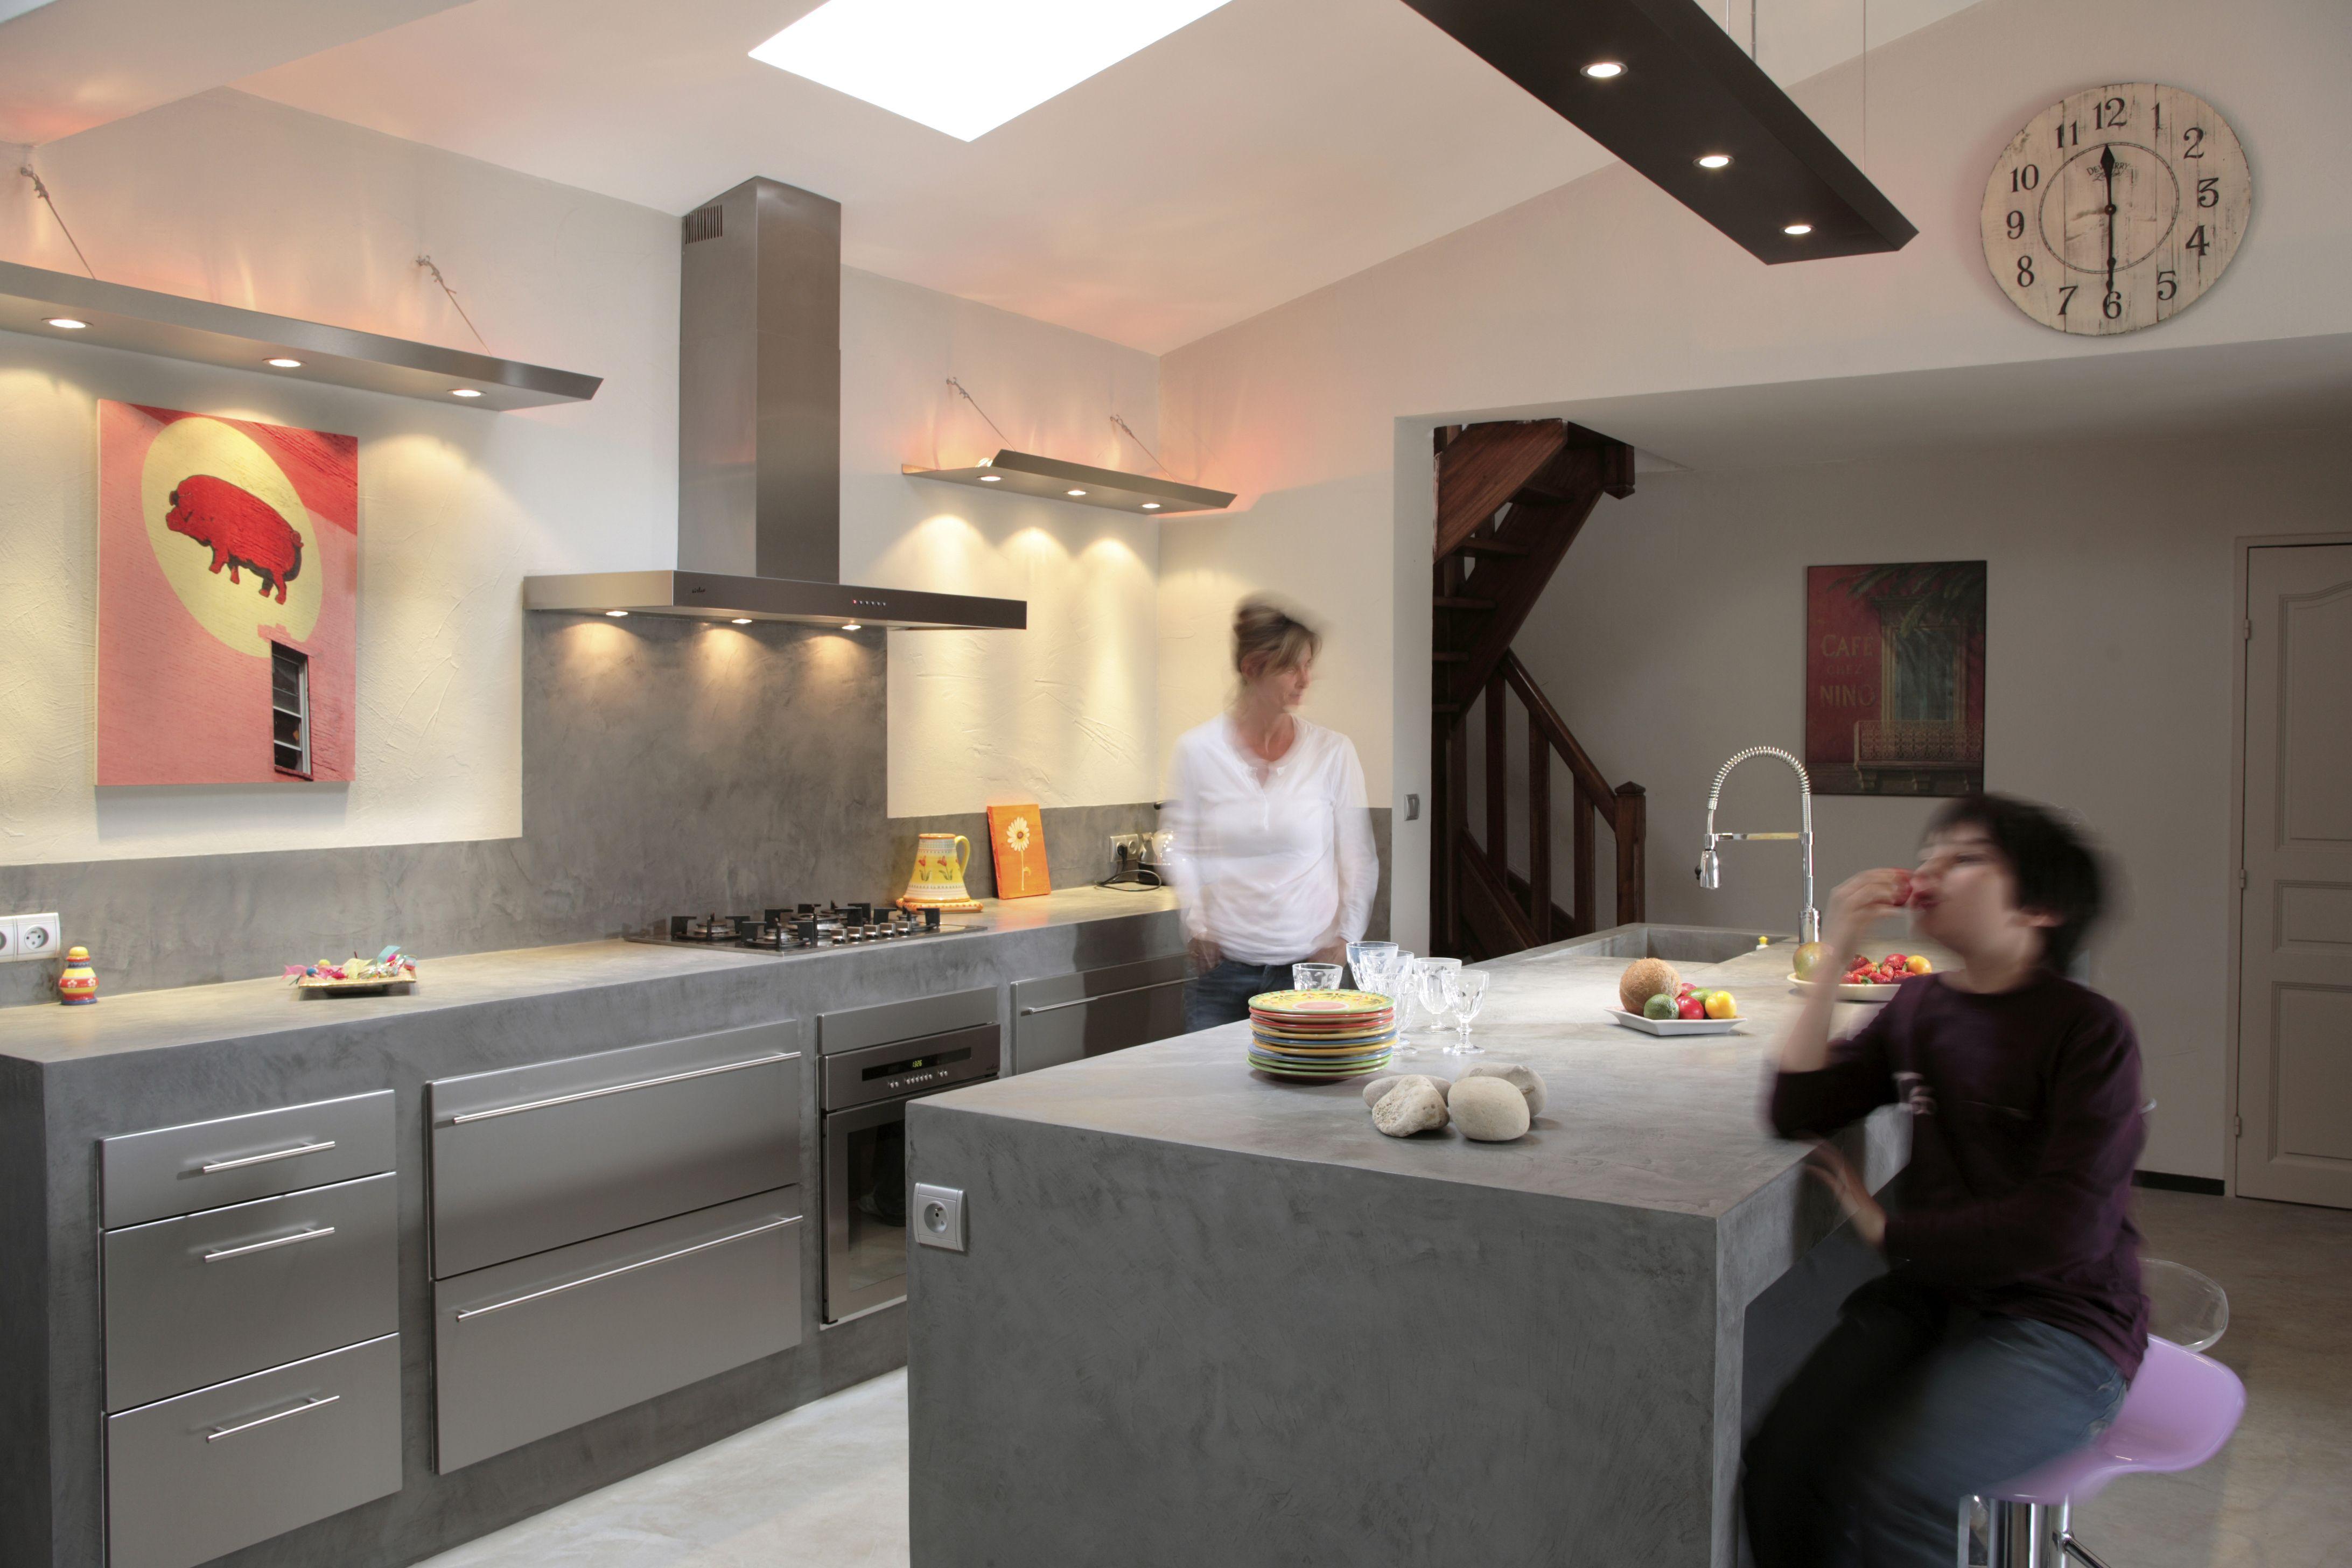 Kitchen kitchen cocina pinterest imagenes de google b squeda de im genes y de google - Cocina cemento pulido ...